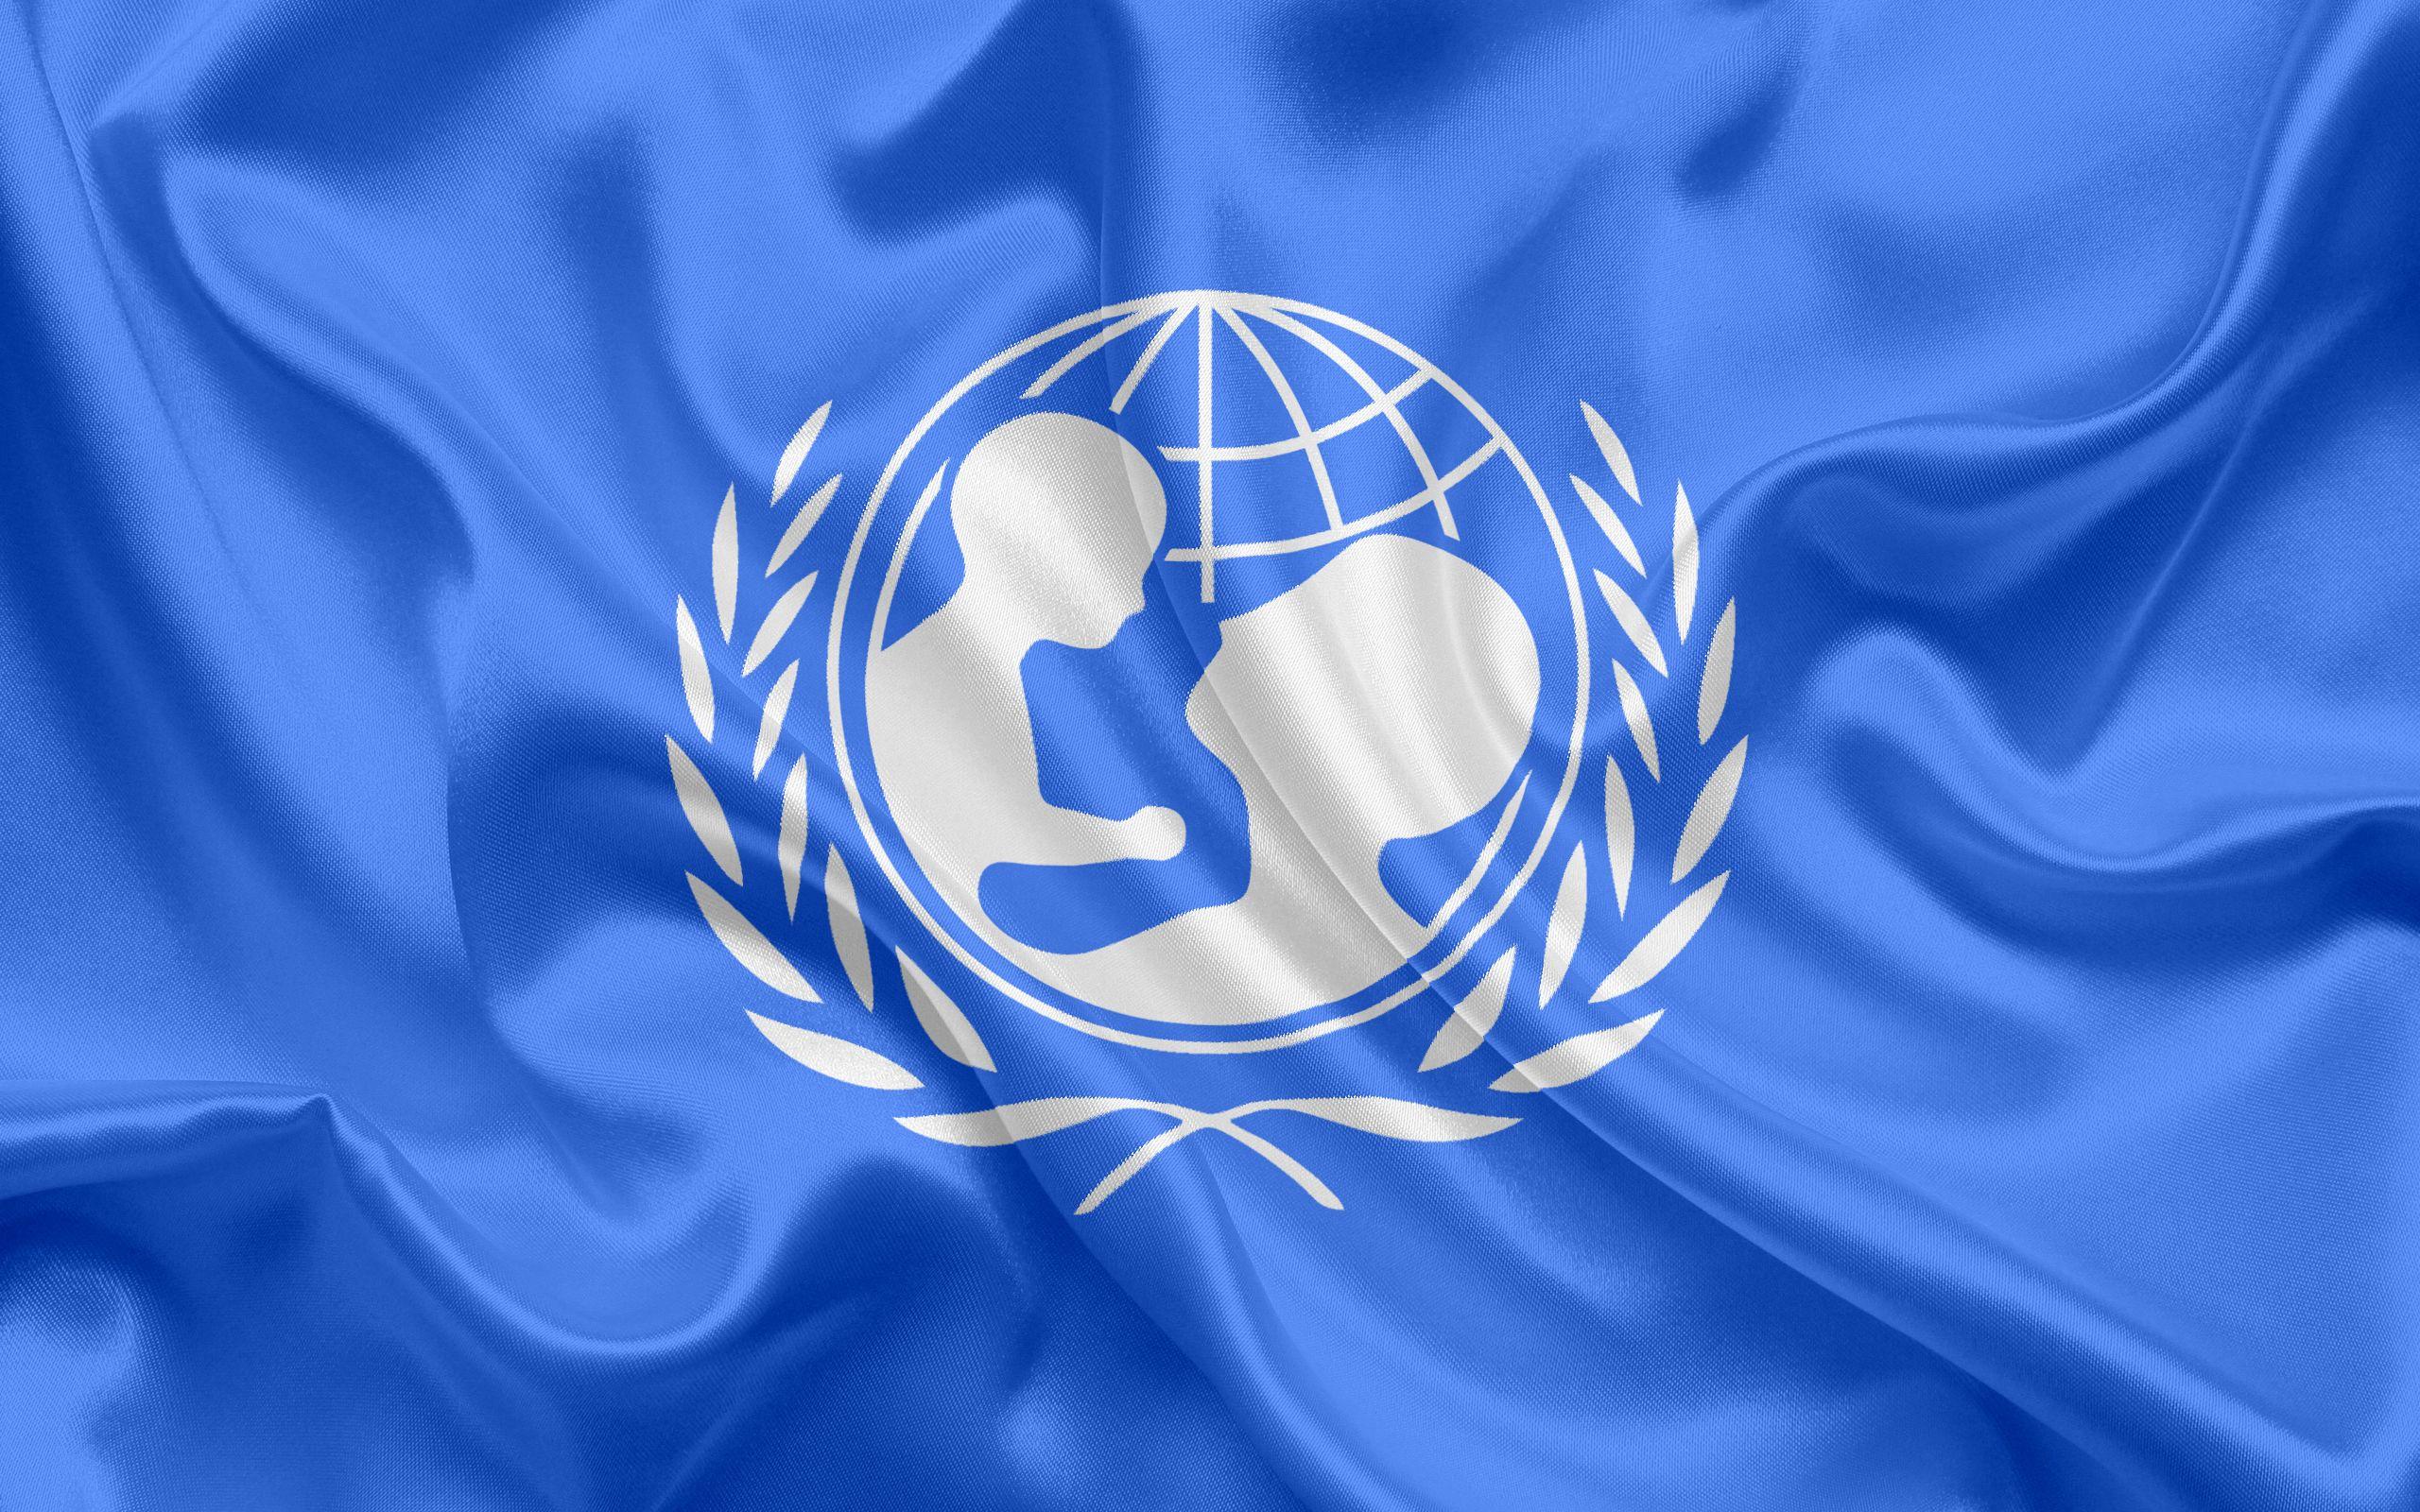 La Bandera De La Unicef El Simbolo El Logotipo De Unicef De Seda Azul De La Bandera Internacional De Las Naciones Banderas Bandera Banderas Internacionales